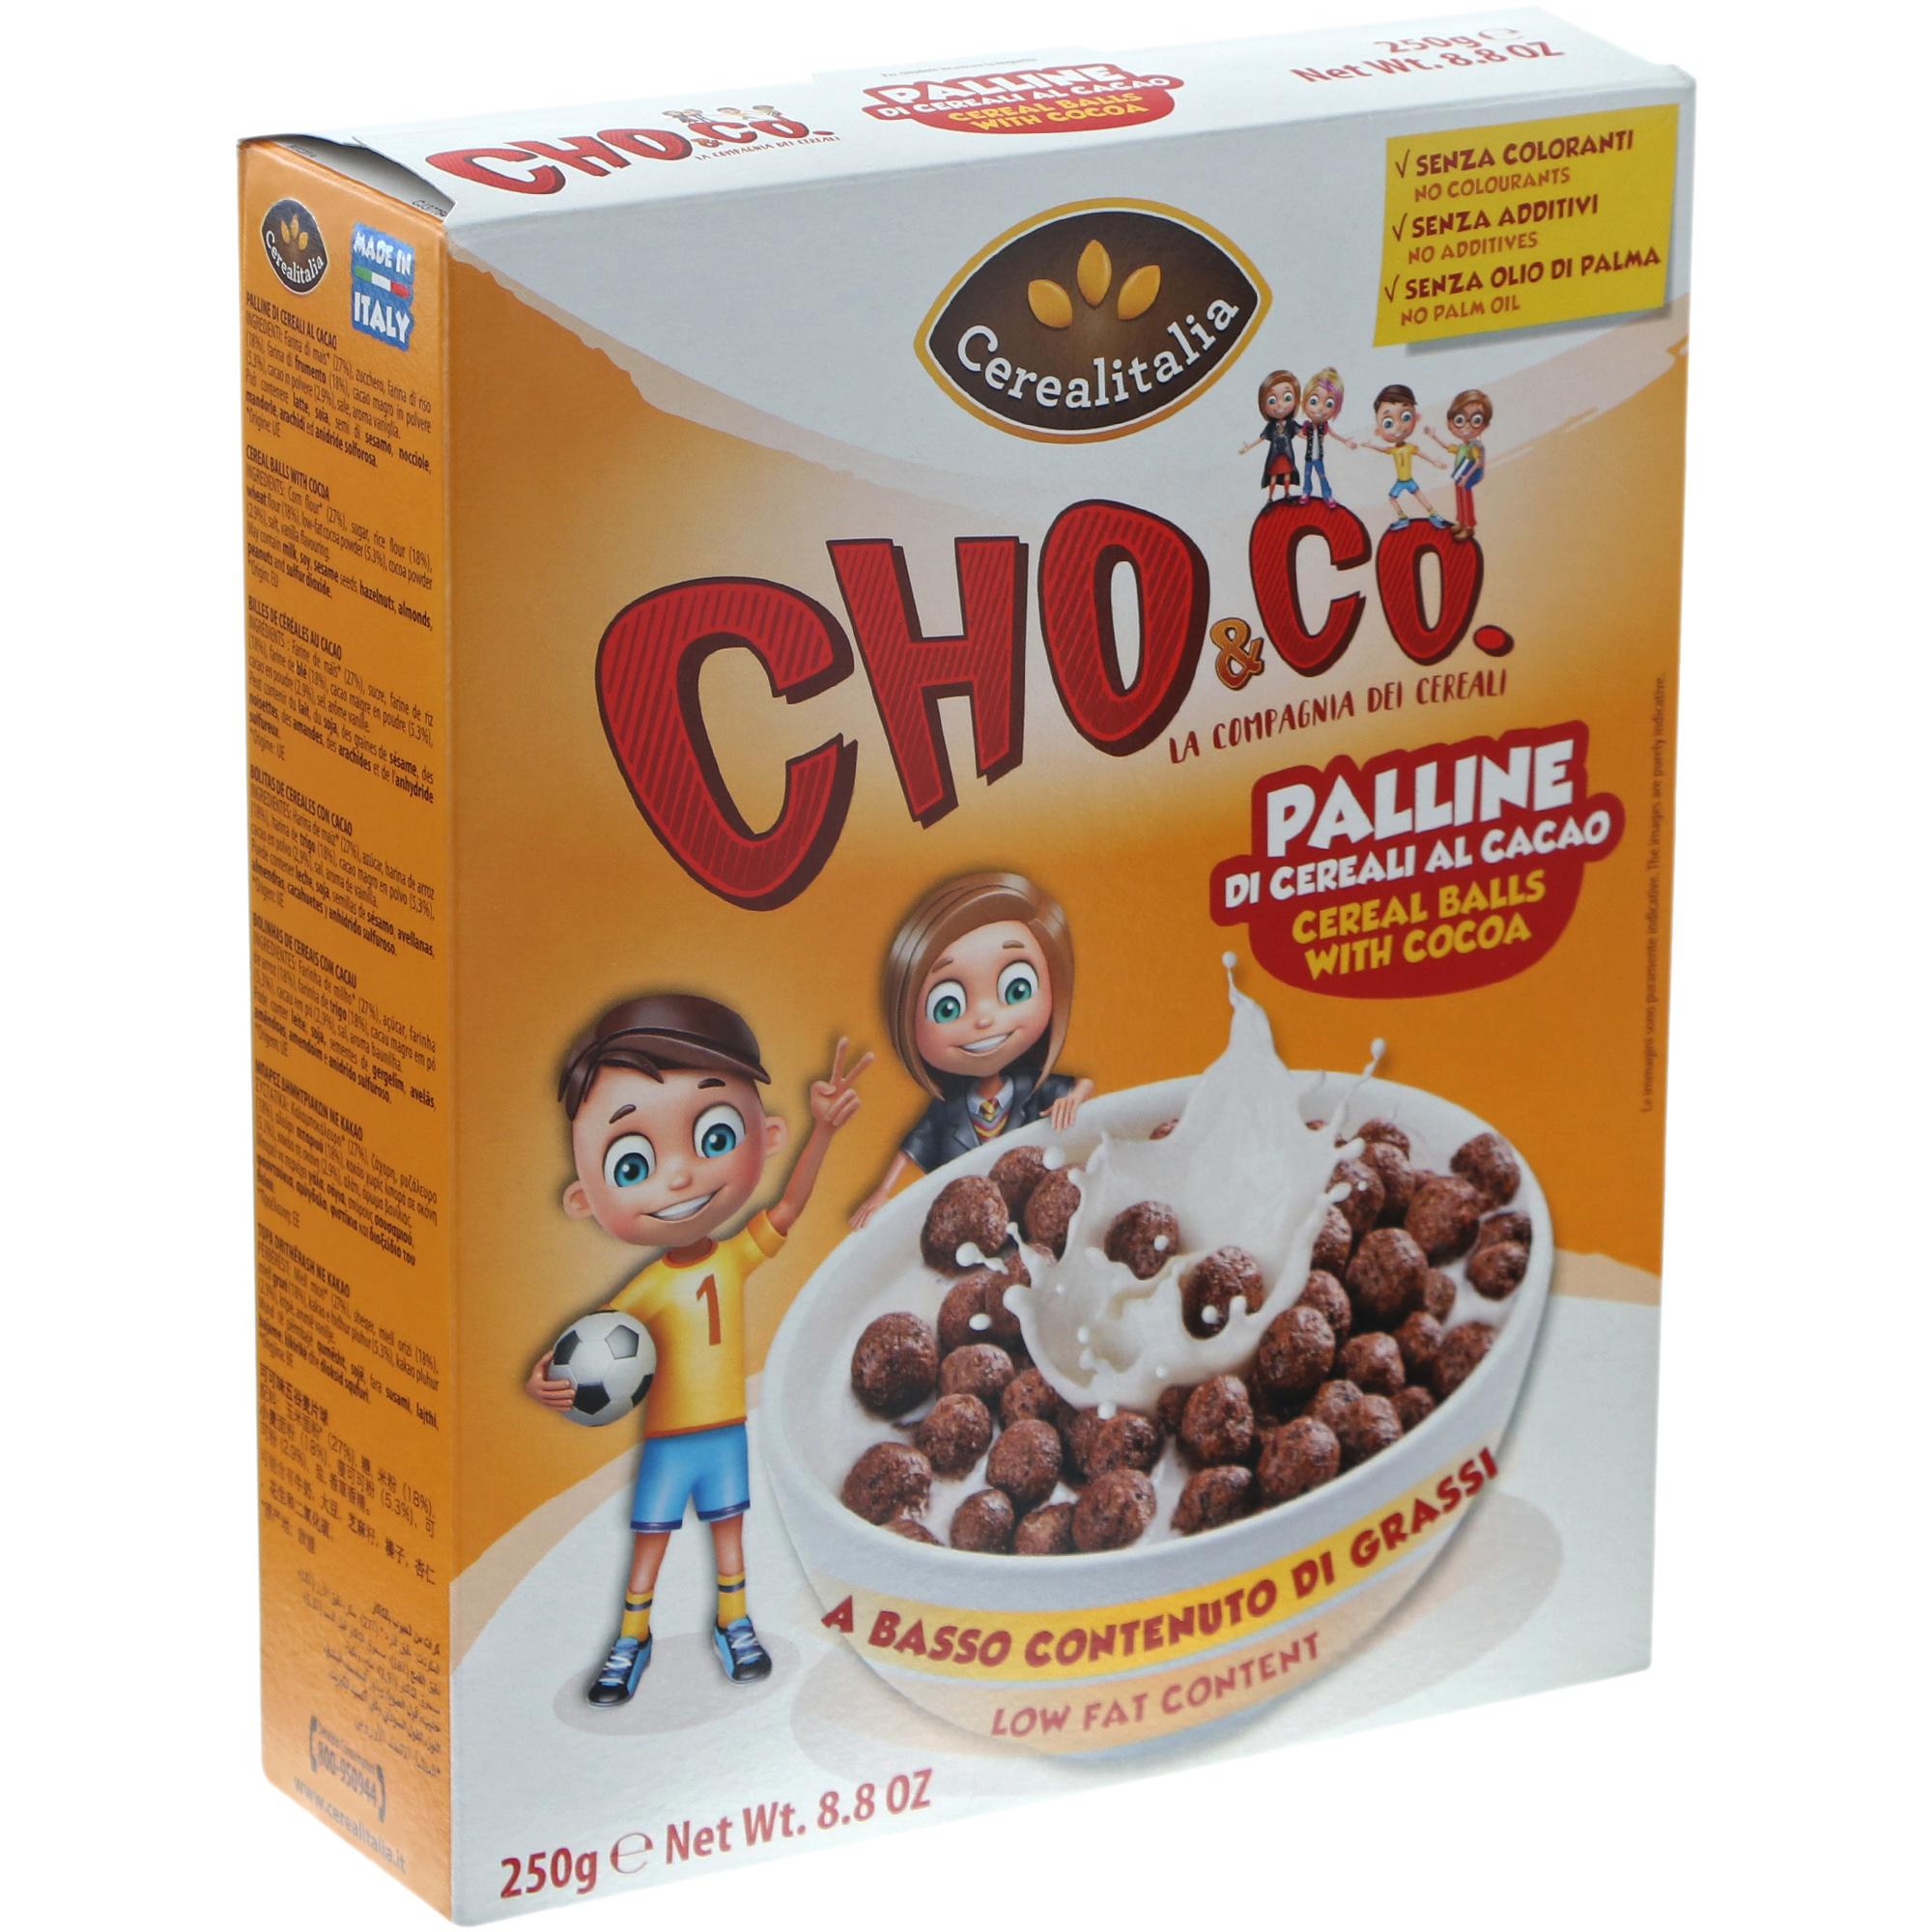 Фото - Готовый завтрак Cerealitalia шоколадные шарики, 250 г готовый завтрак хрутка шоколадные колечки пакет 210 г